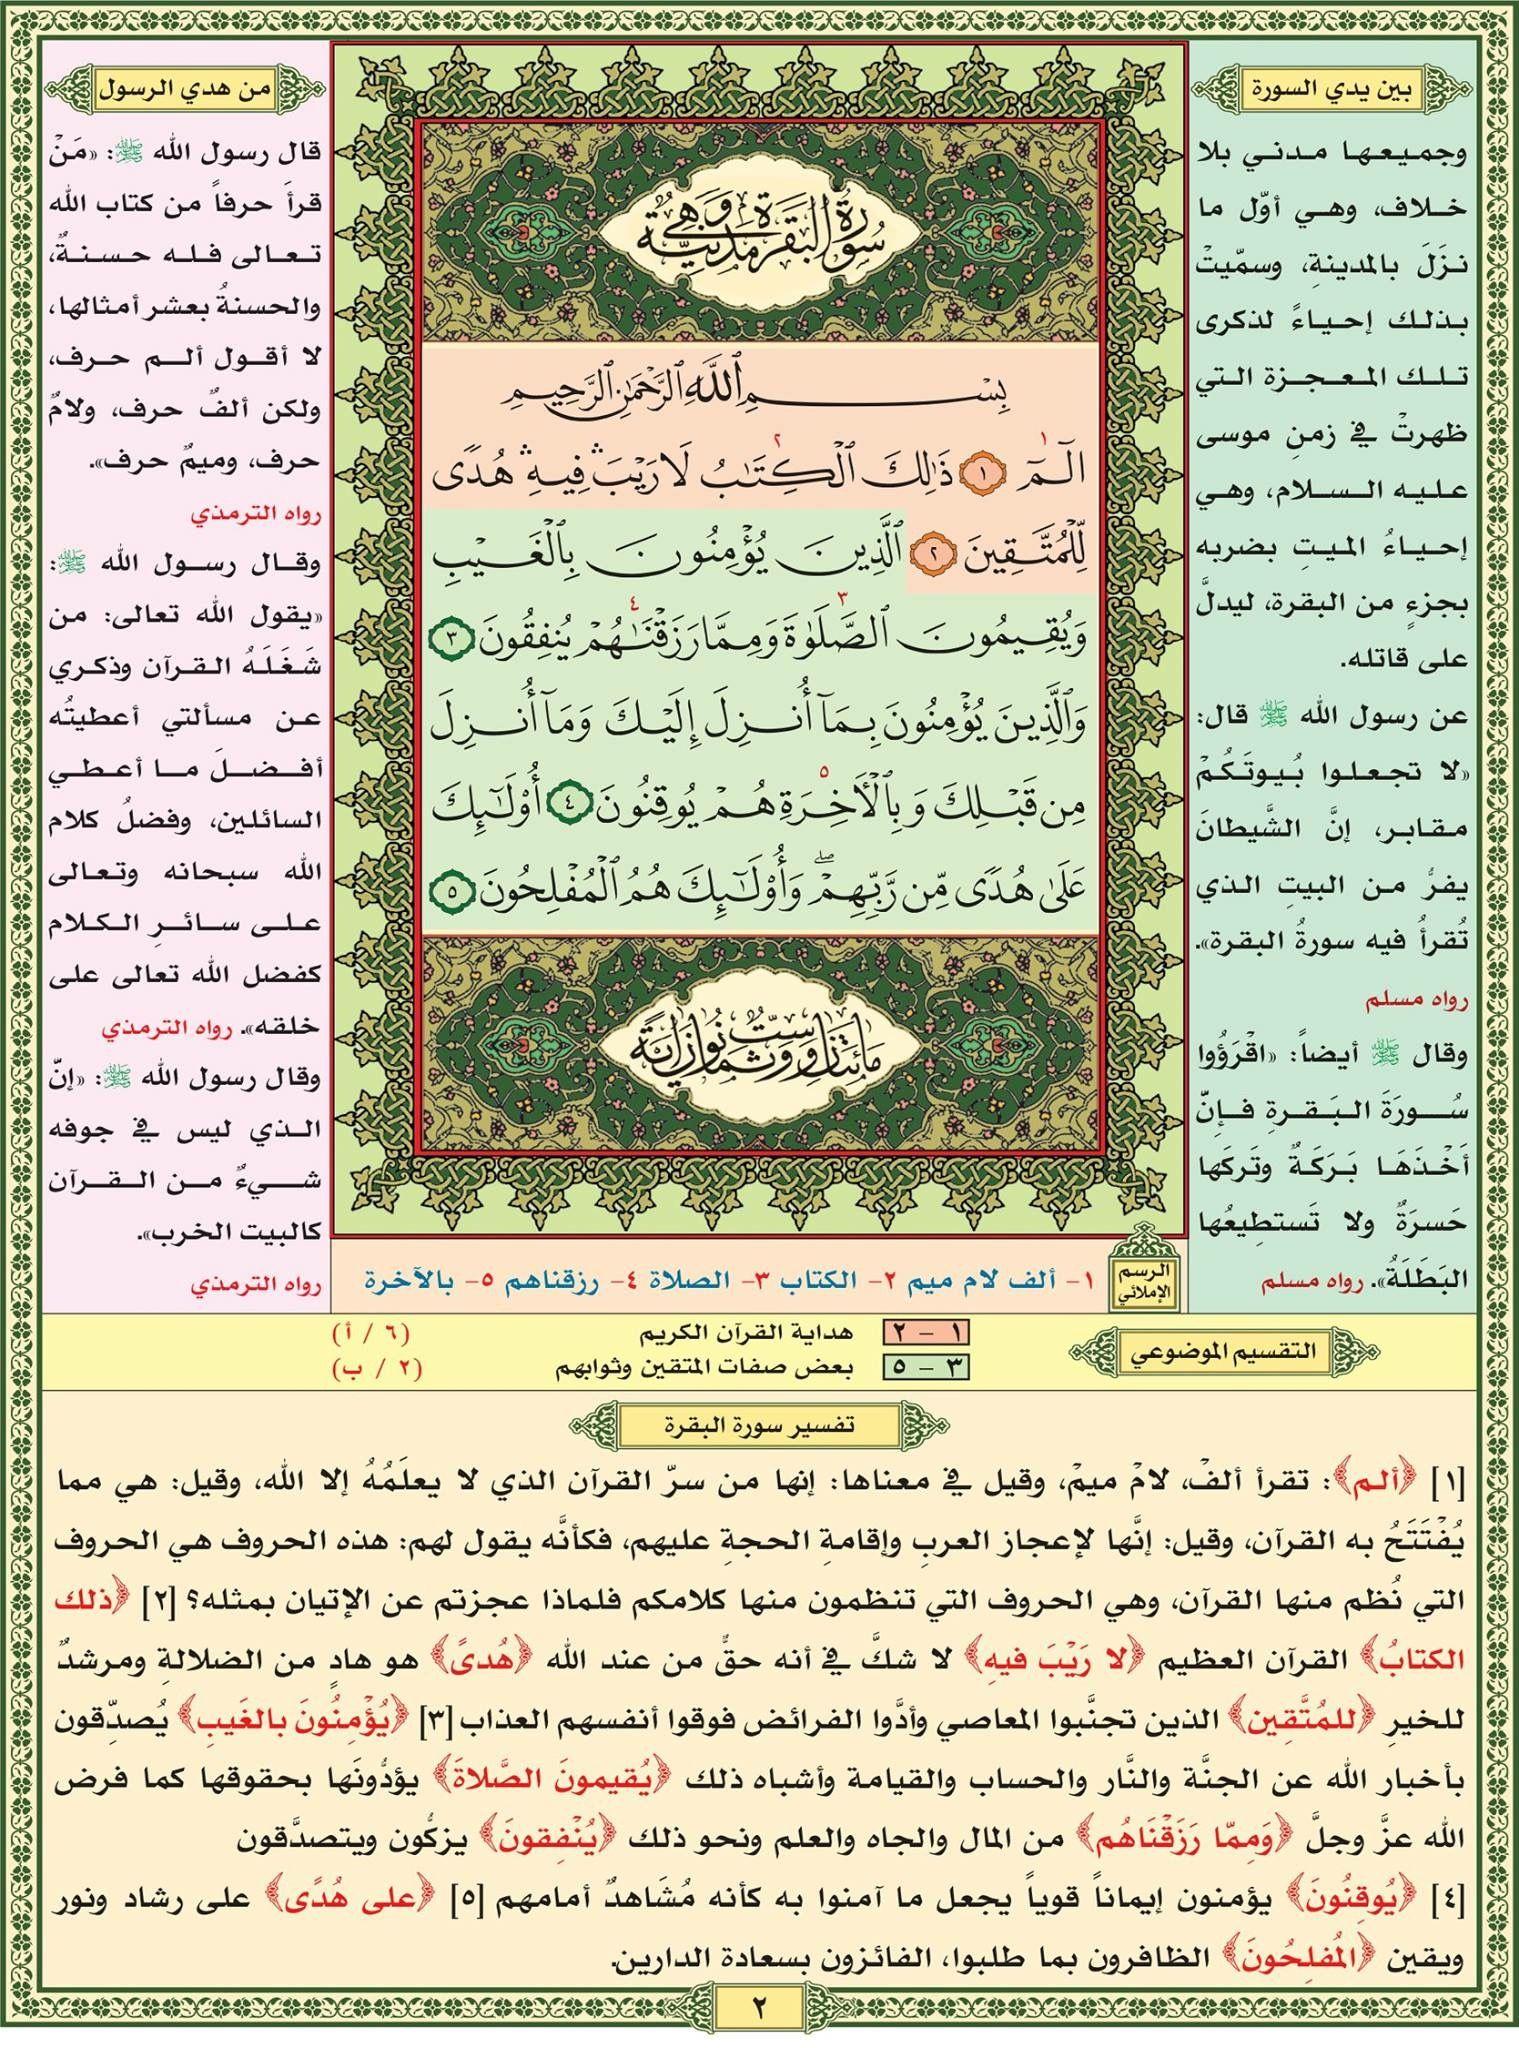 سورة البقرة صفحة رقم ٢ مصحف التقسيم الموضوعي للحافظ المتقن Quran Verses Noble Quran Quran